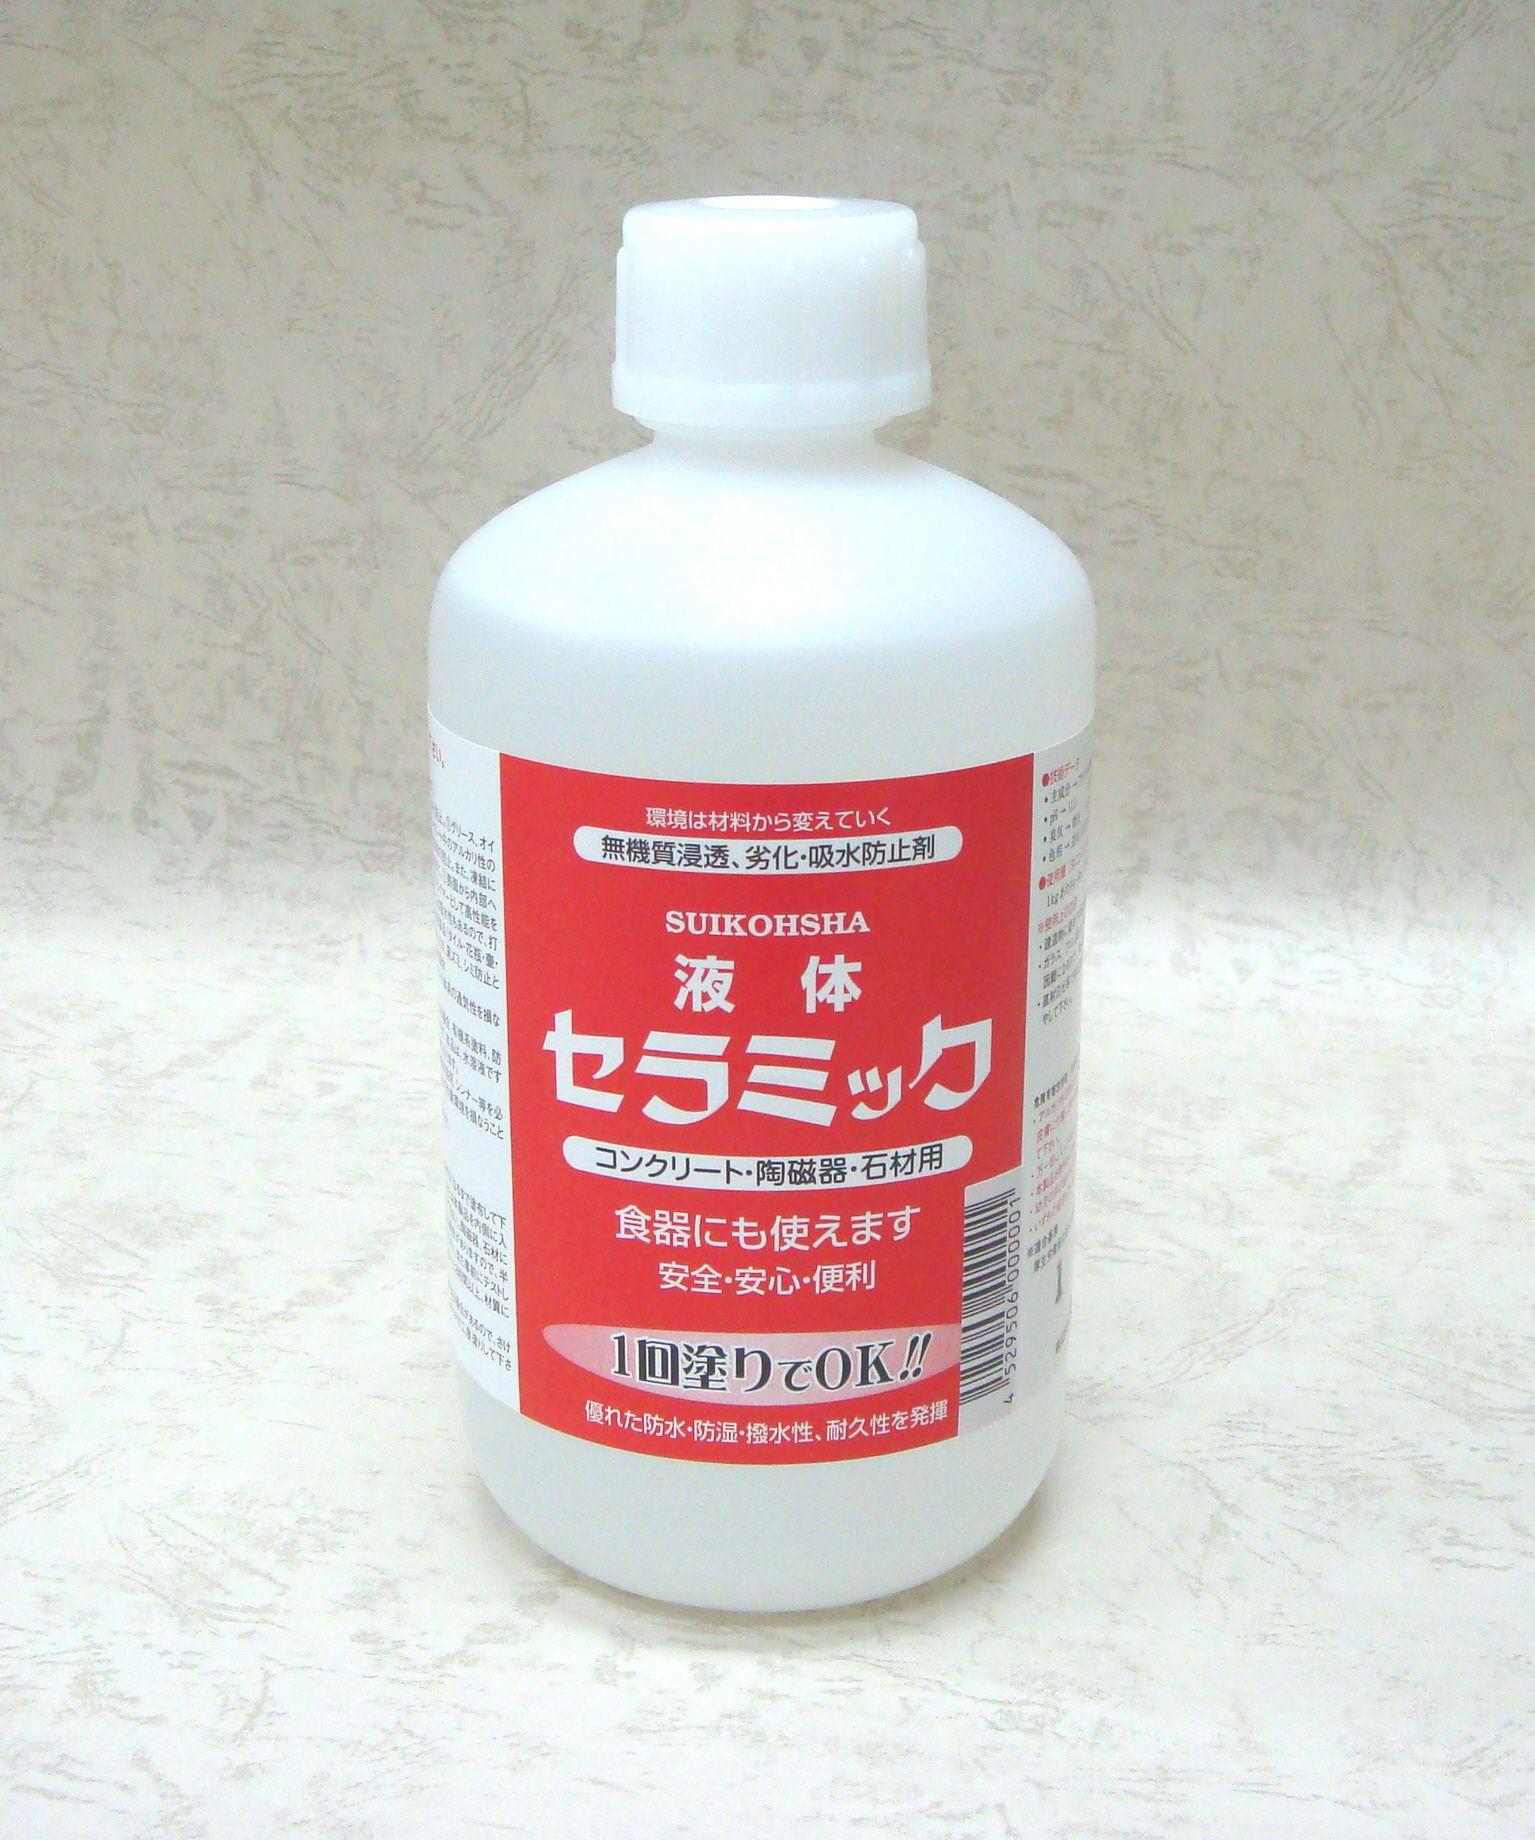 液体セラミック (水漏れ防止剤) 1L